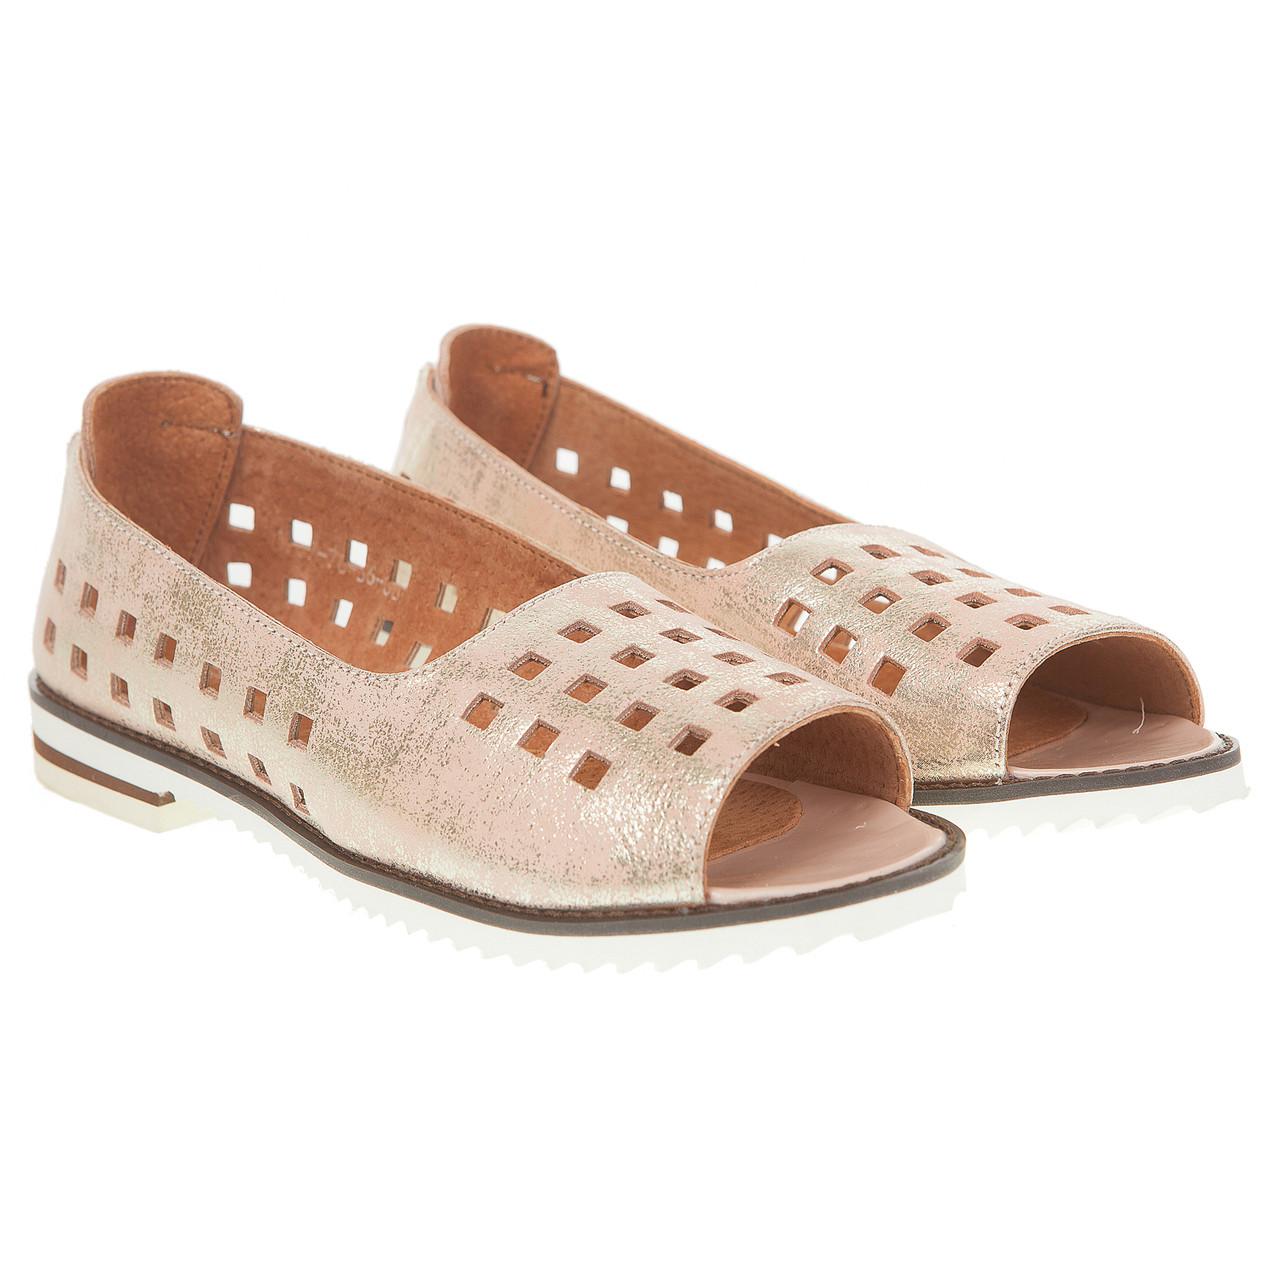 b2f97dc0 Балетки женские Vikttorio (розовый цвет с золотистым блеском, открытый  носок, стильная перфорация)